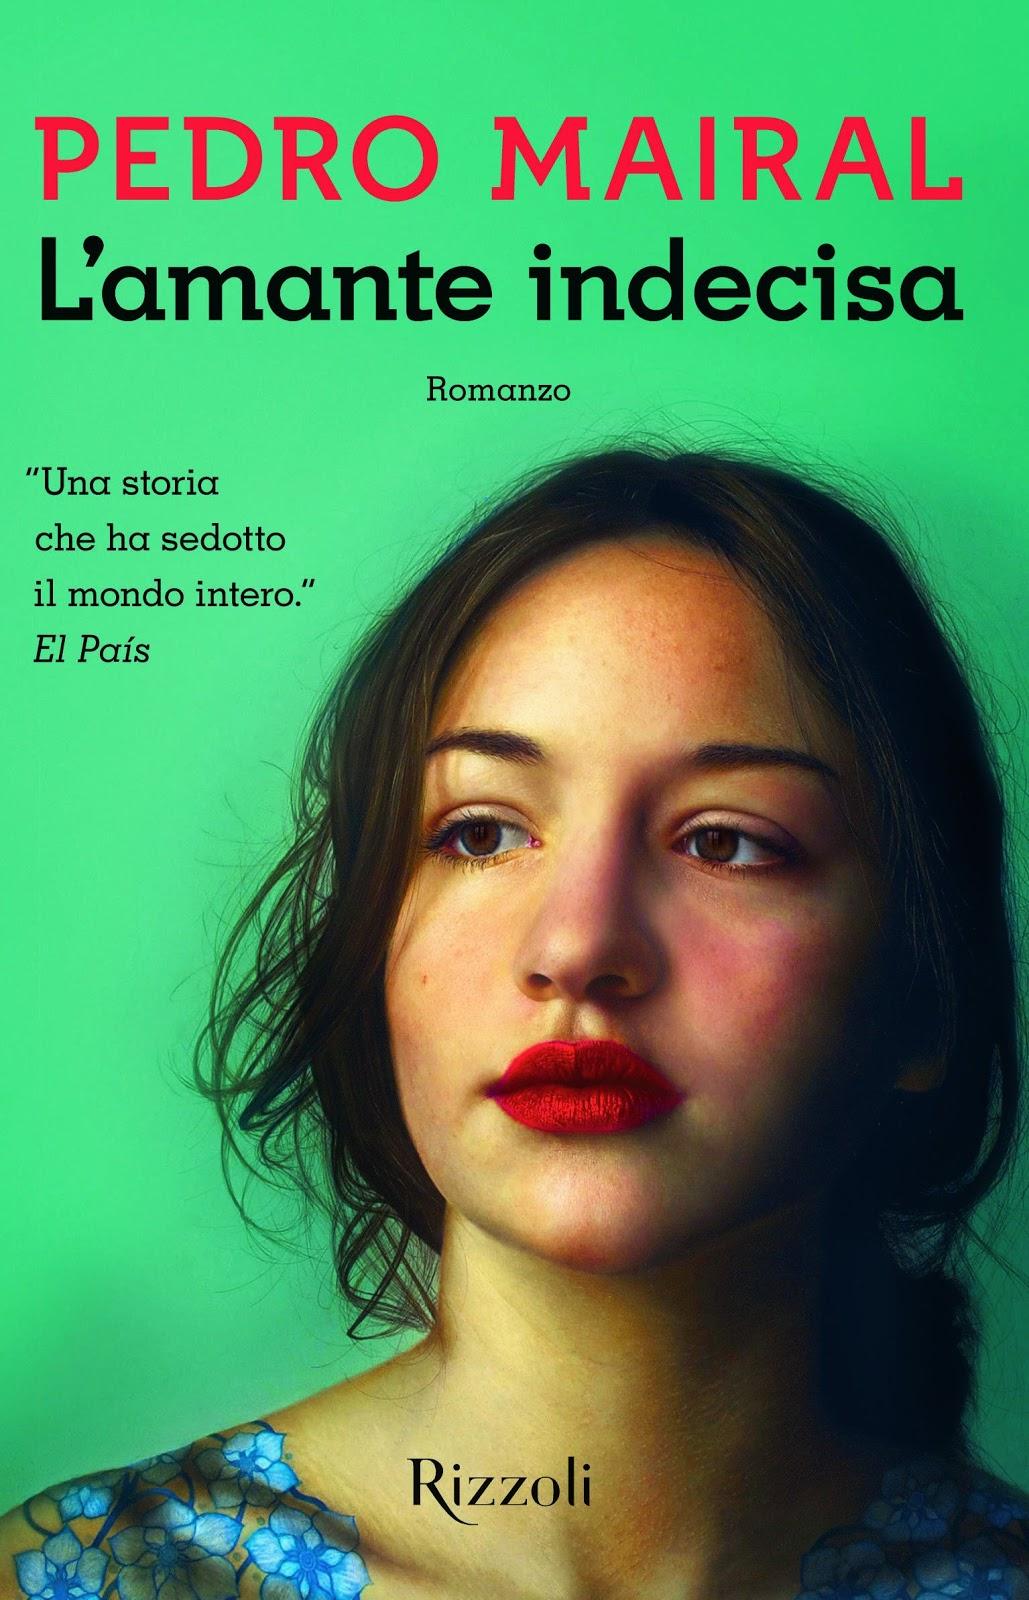 L'amante indecisa di Pedro Mairal